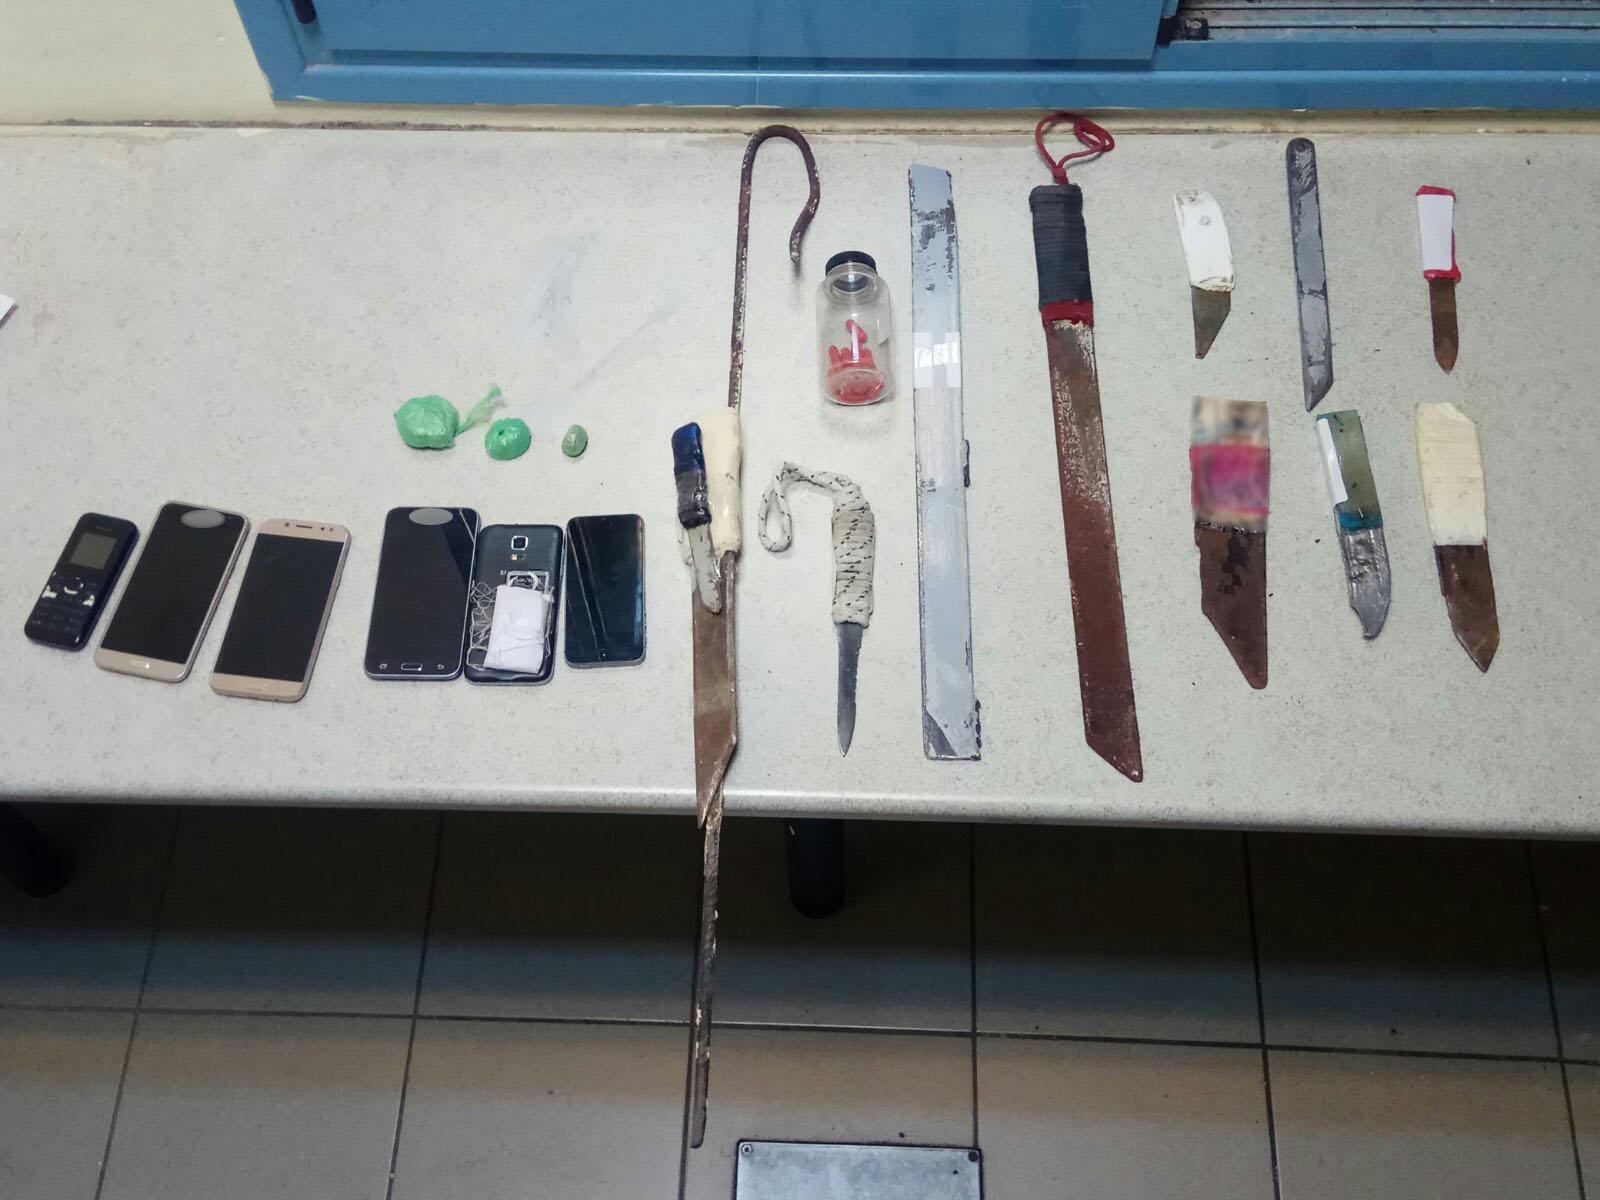 Φυλακές Δομοκού: Ηρωίνη, μαχαίρια και κινητά τηλέφωνα σε κελιά (pics) 5